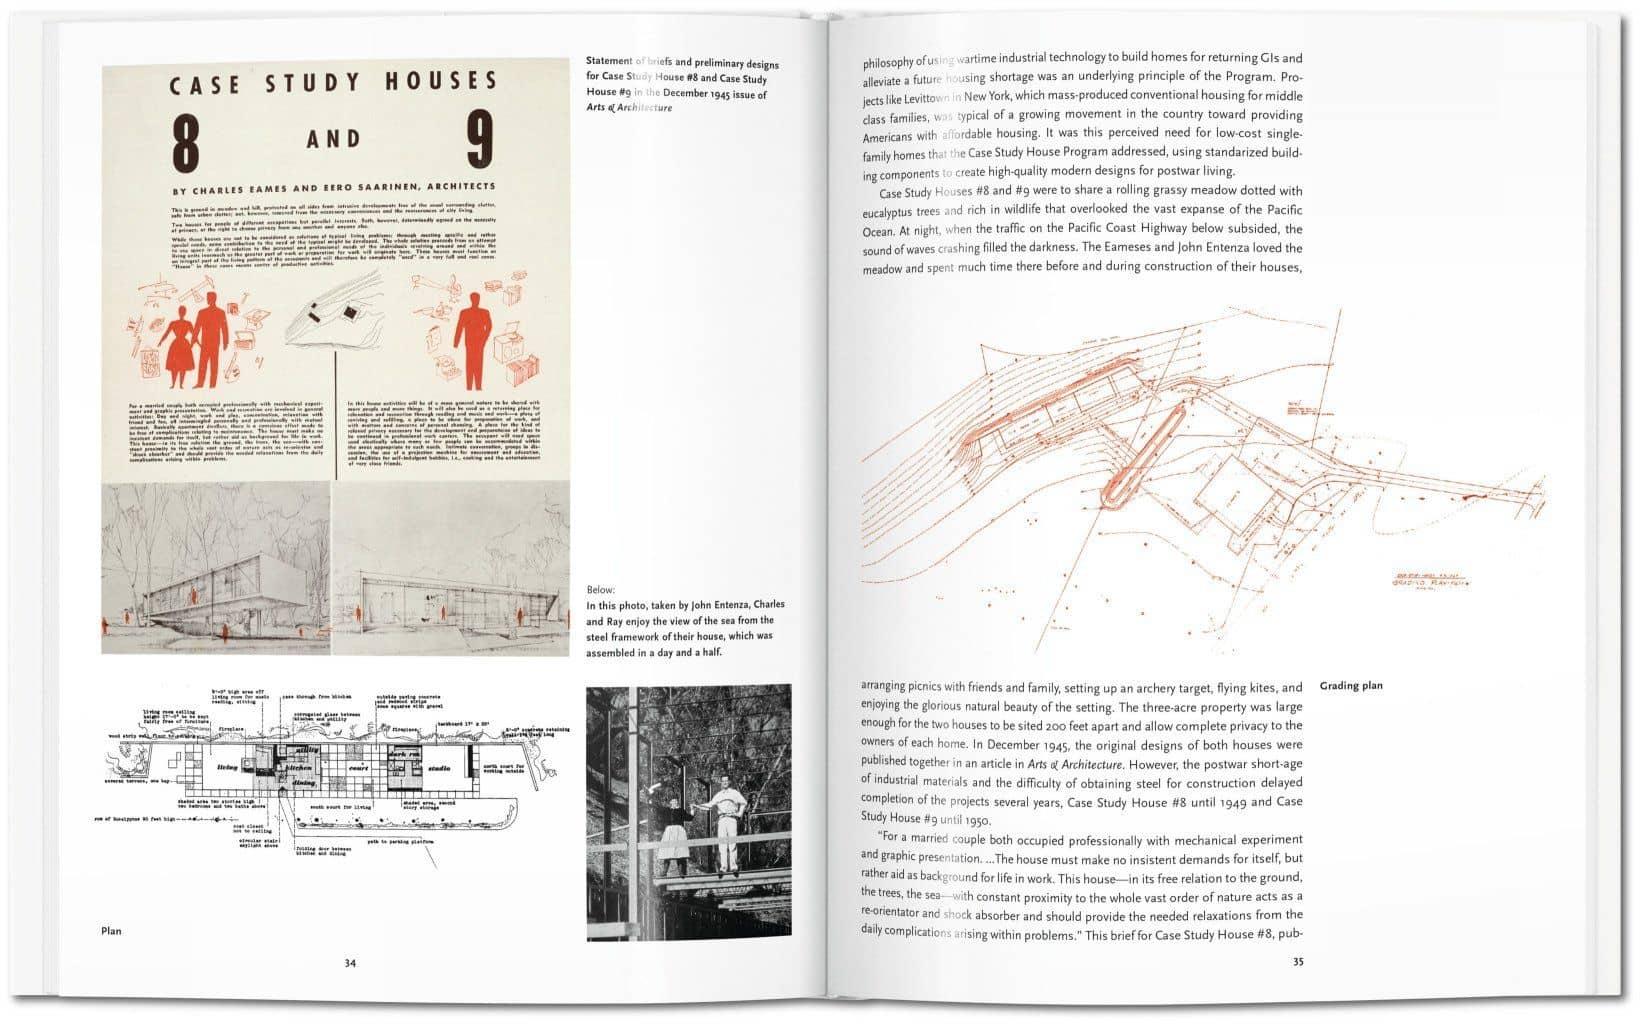 volta_taschen_Eames_book_4